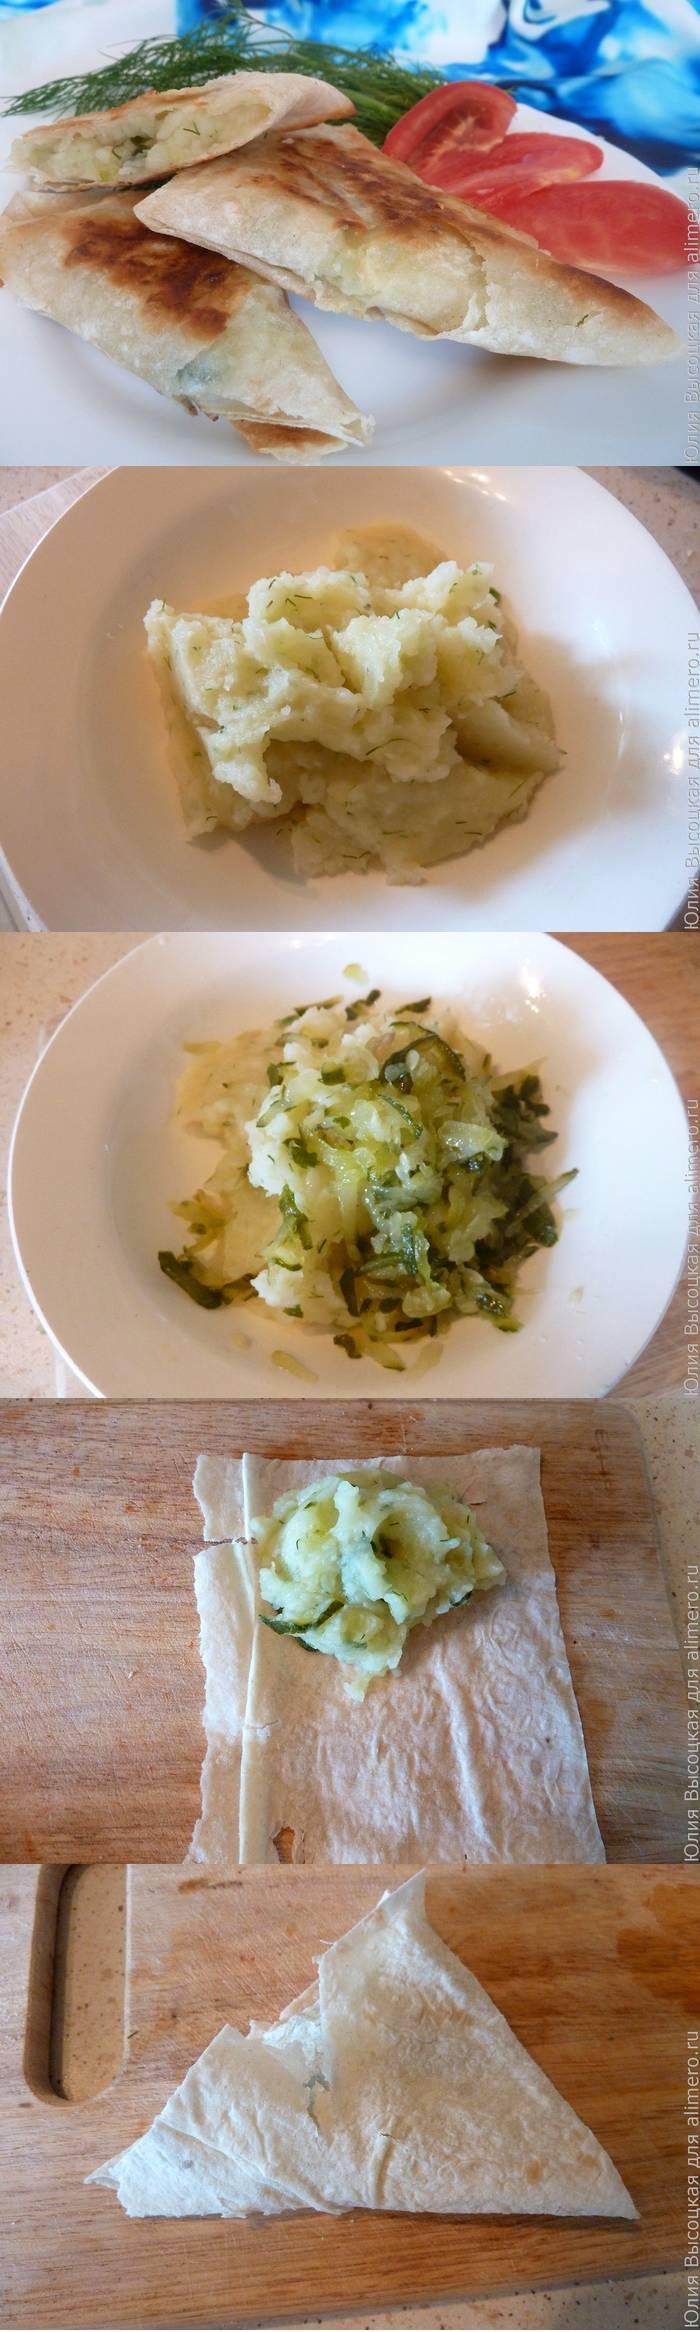 Пирожки из лаваша с картофелем и малосольными огурчиками